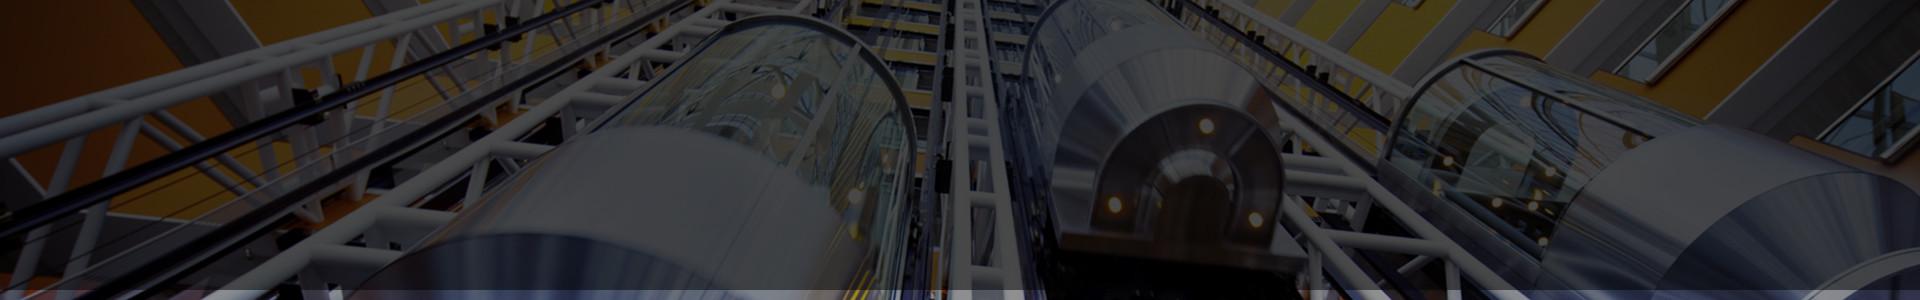 panoramik 1 - Panaromik Asansör